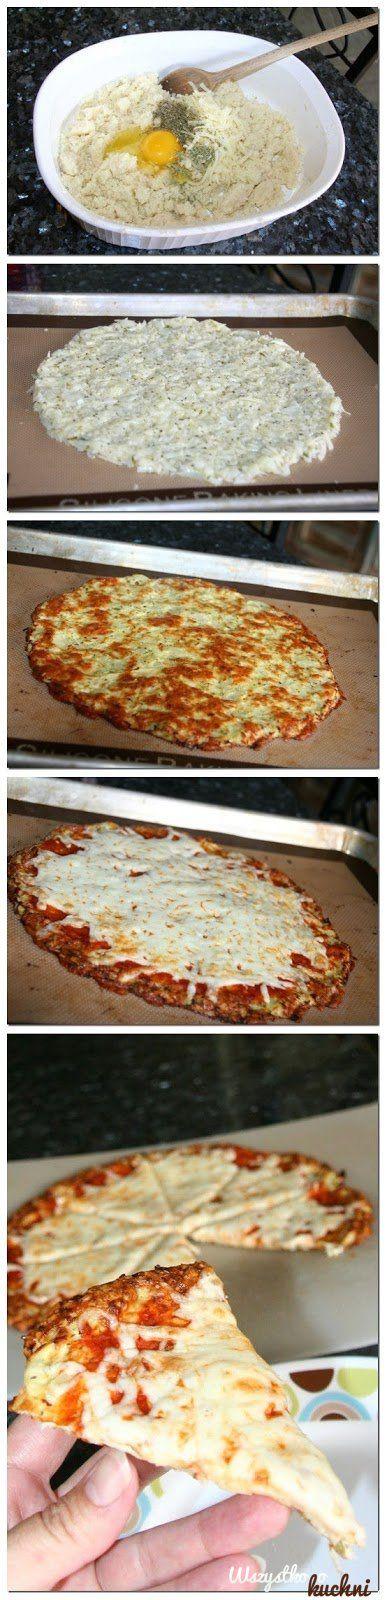 Dietetyczna pizza z kalafiora - Prawie zero kalorii...